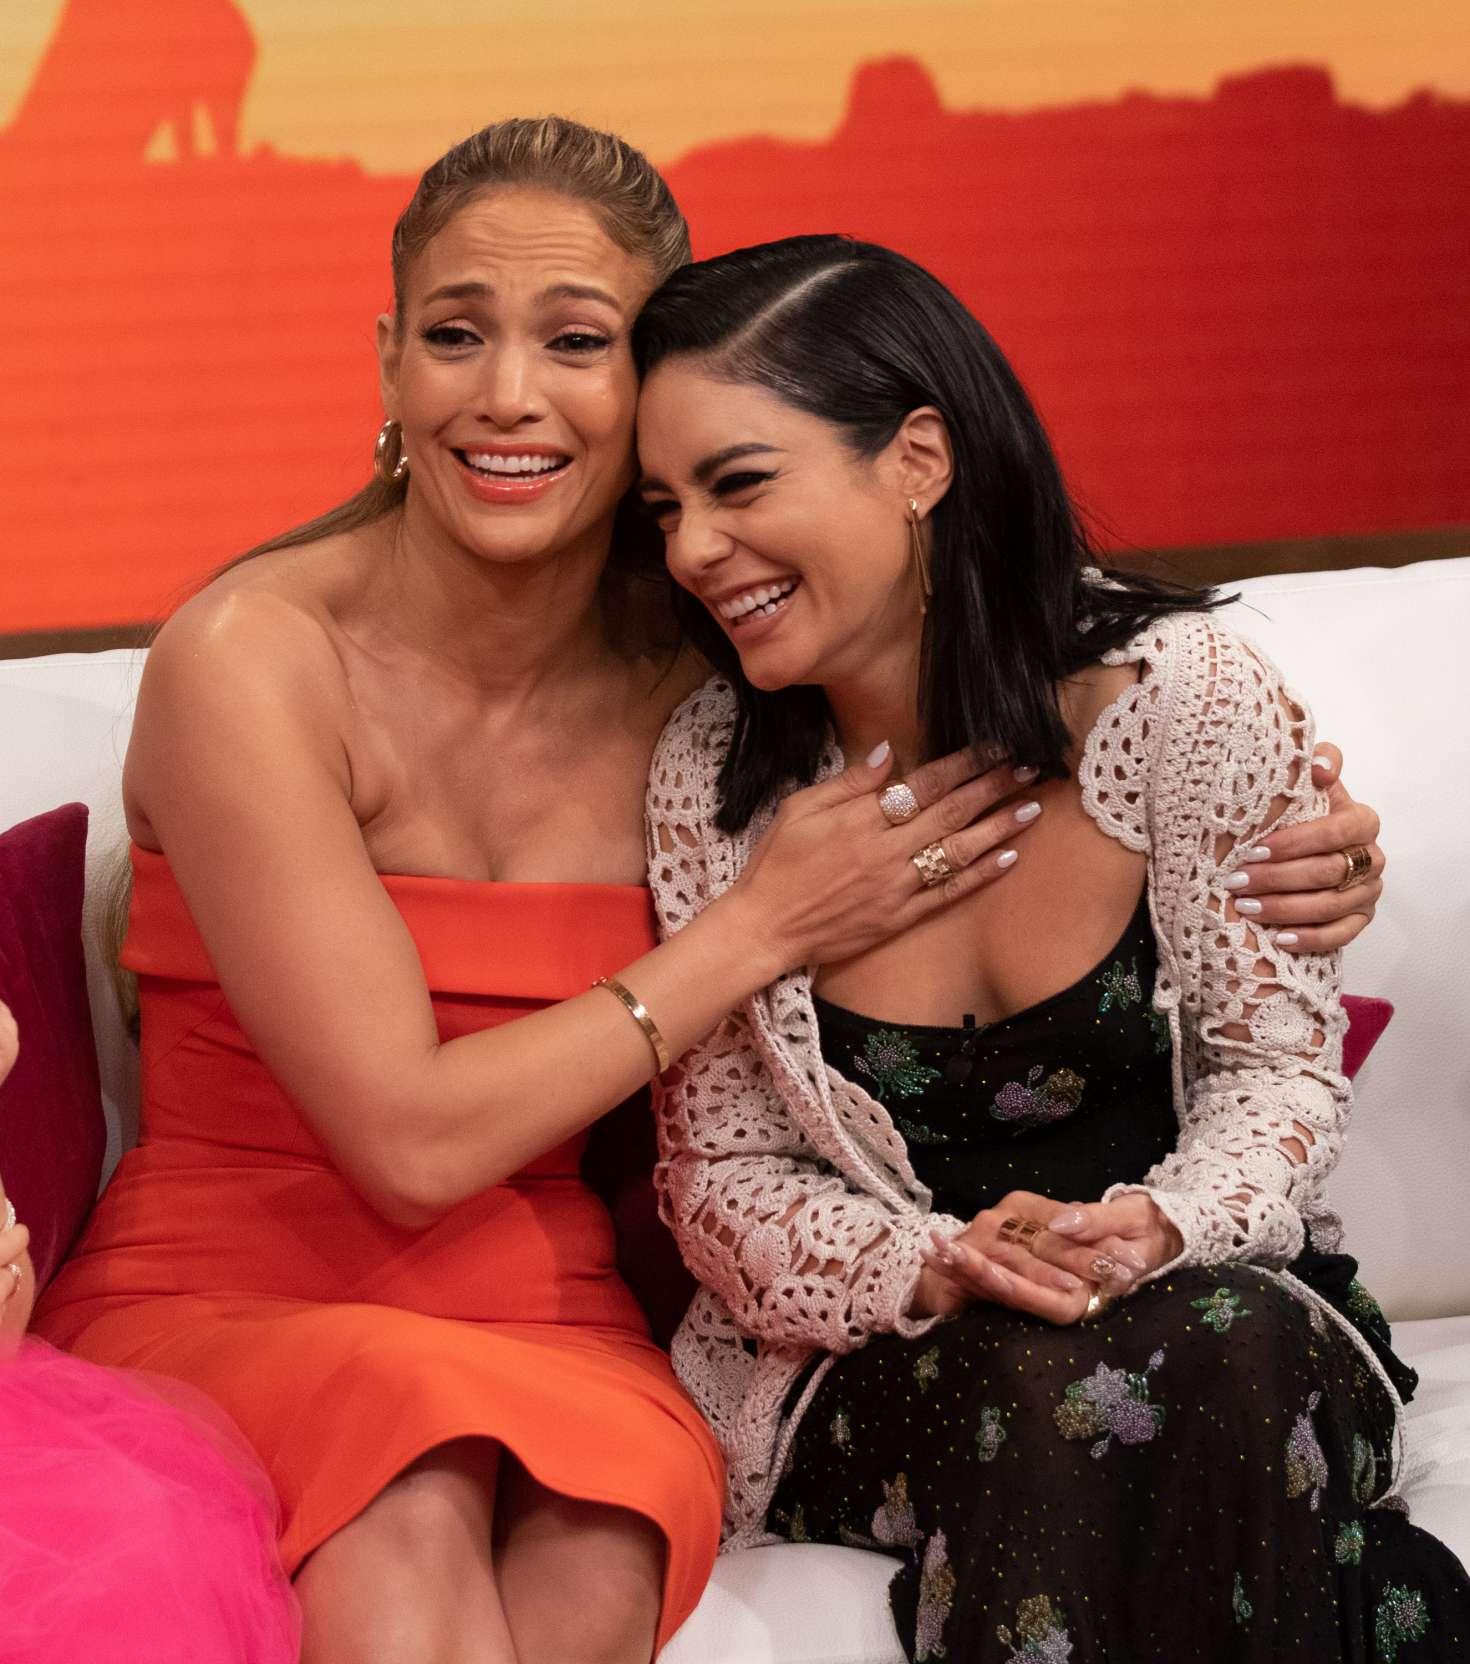 Vanessa Hudgens and Jennifer Lopez - On Despierta America in Miami